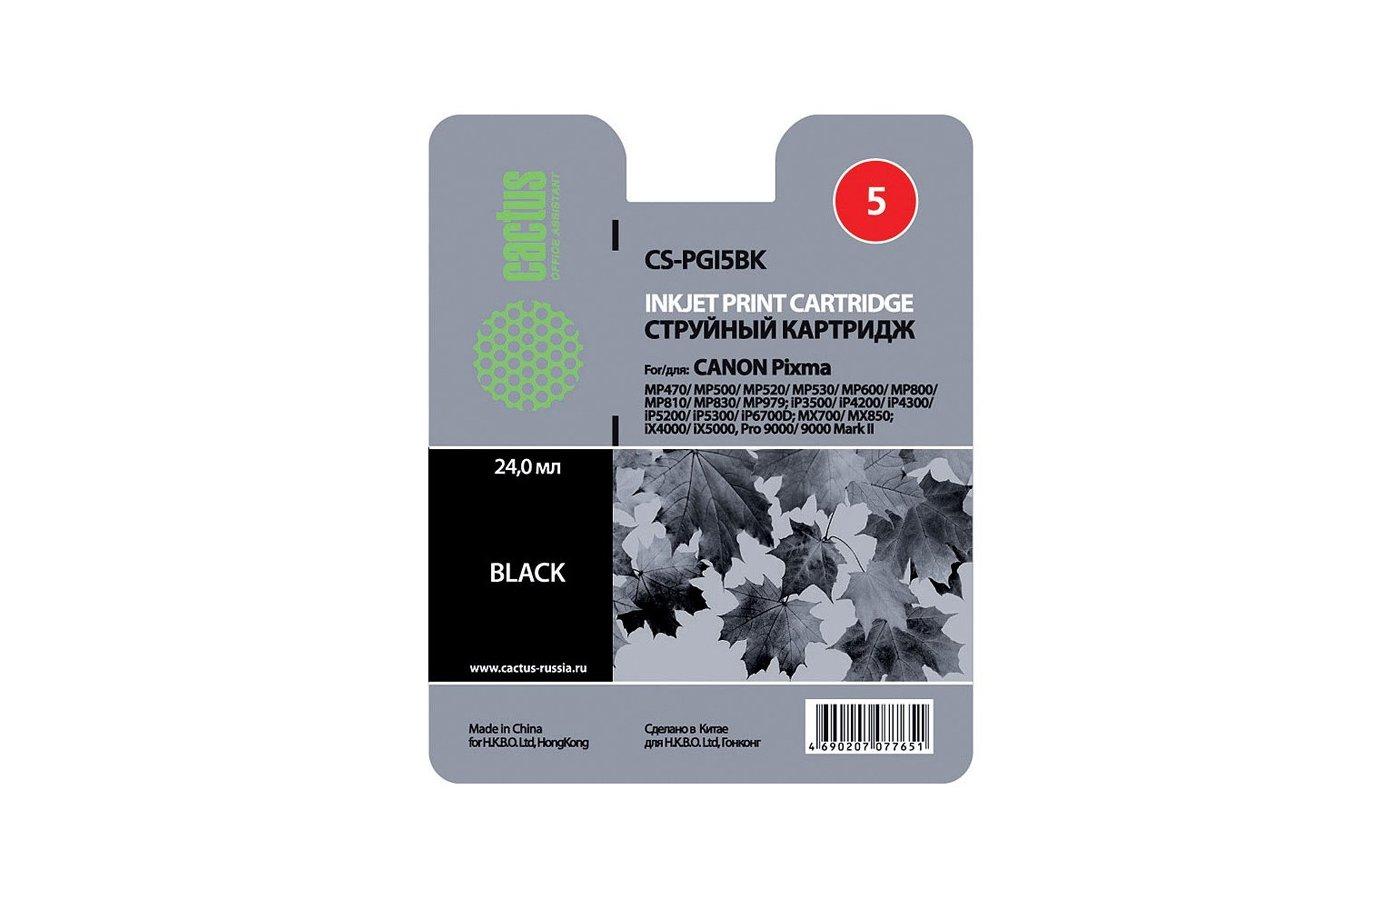 Картридж струйный Cactus CS-PGI5BK совместимый черный для Canon Pixma MP470/ MP500/ MP520/ MP530 (23,6ml)